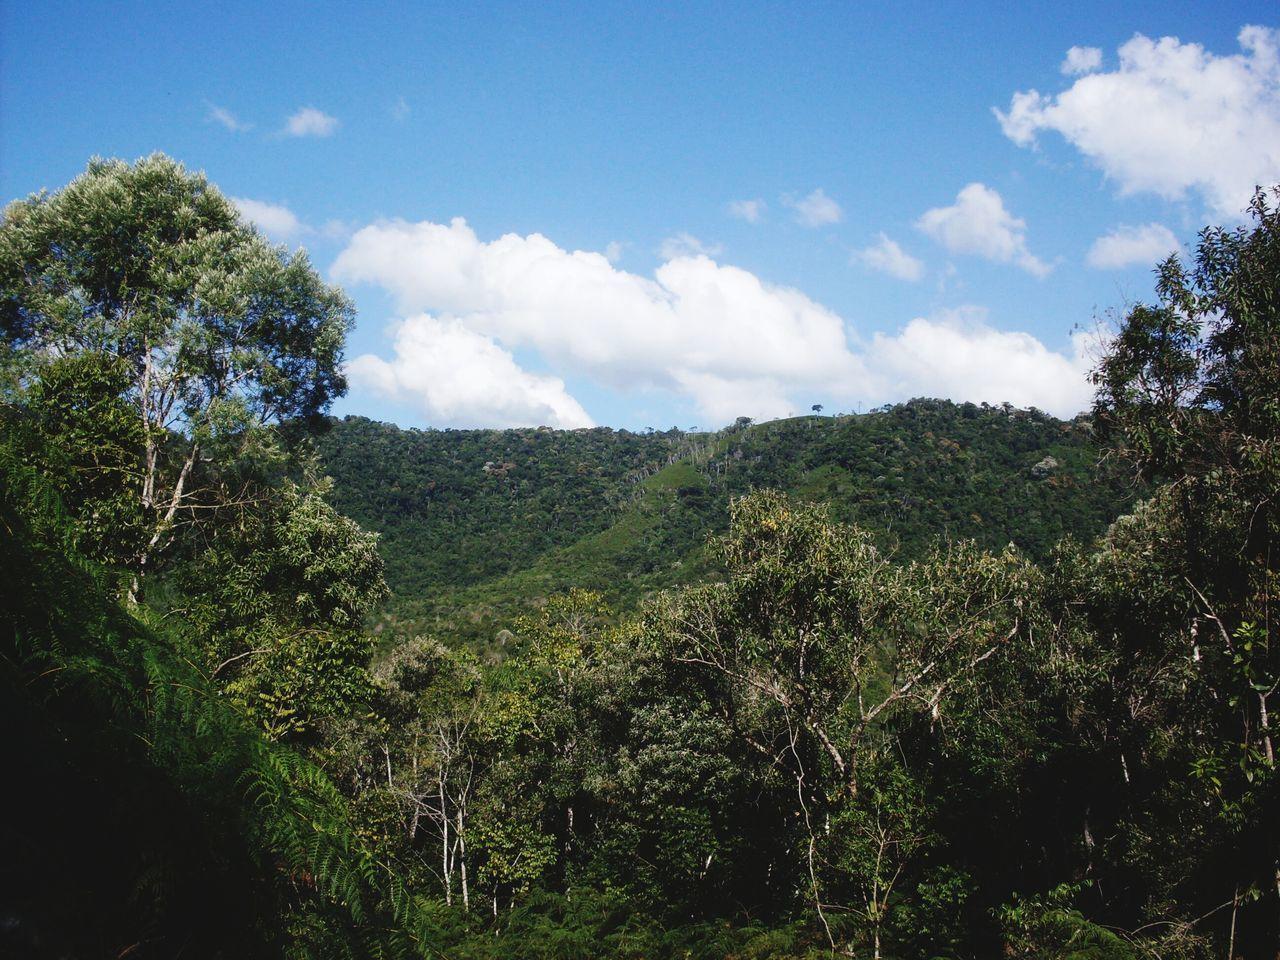 Edge Of The World Floresta Arvores... 🌿❤ Mata Ceu Azul Ceu Liindo! Forest Woods Sky Sky And Clouds